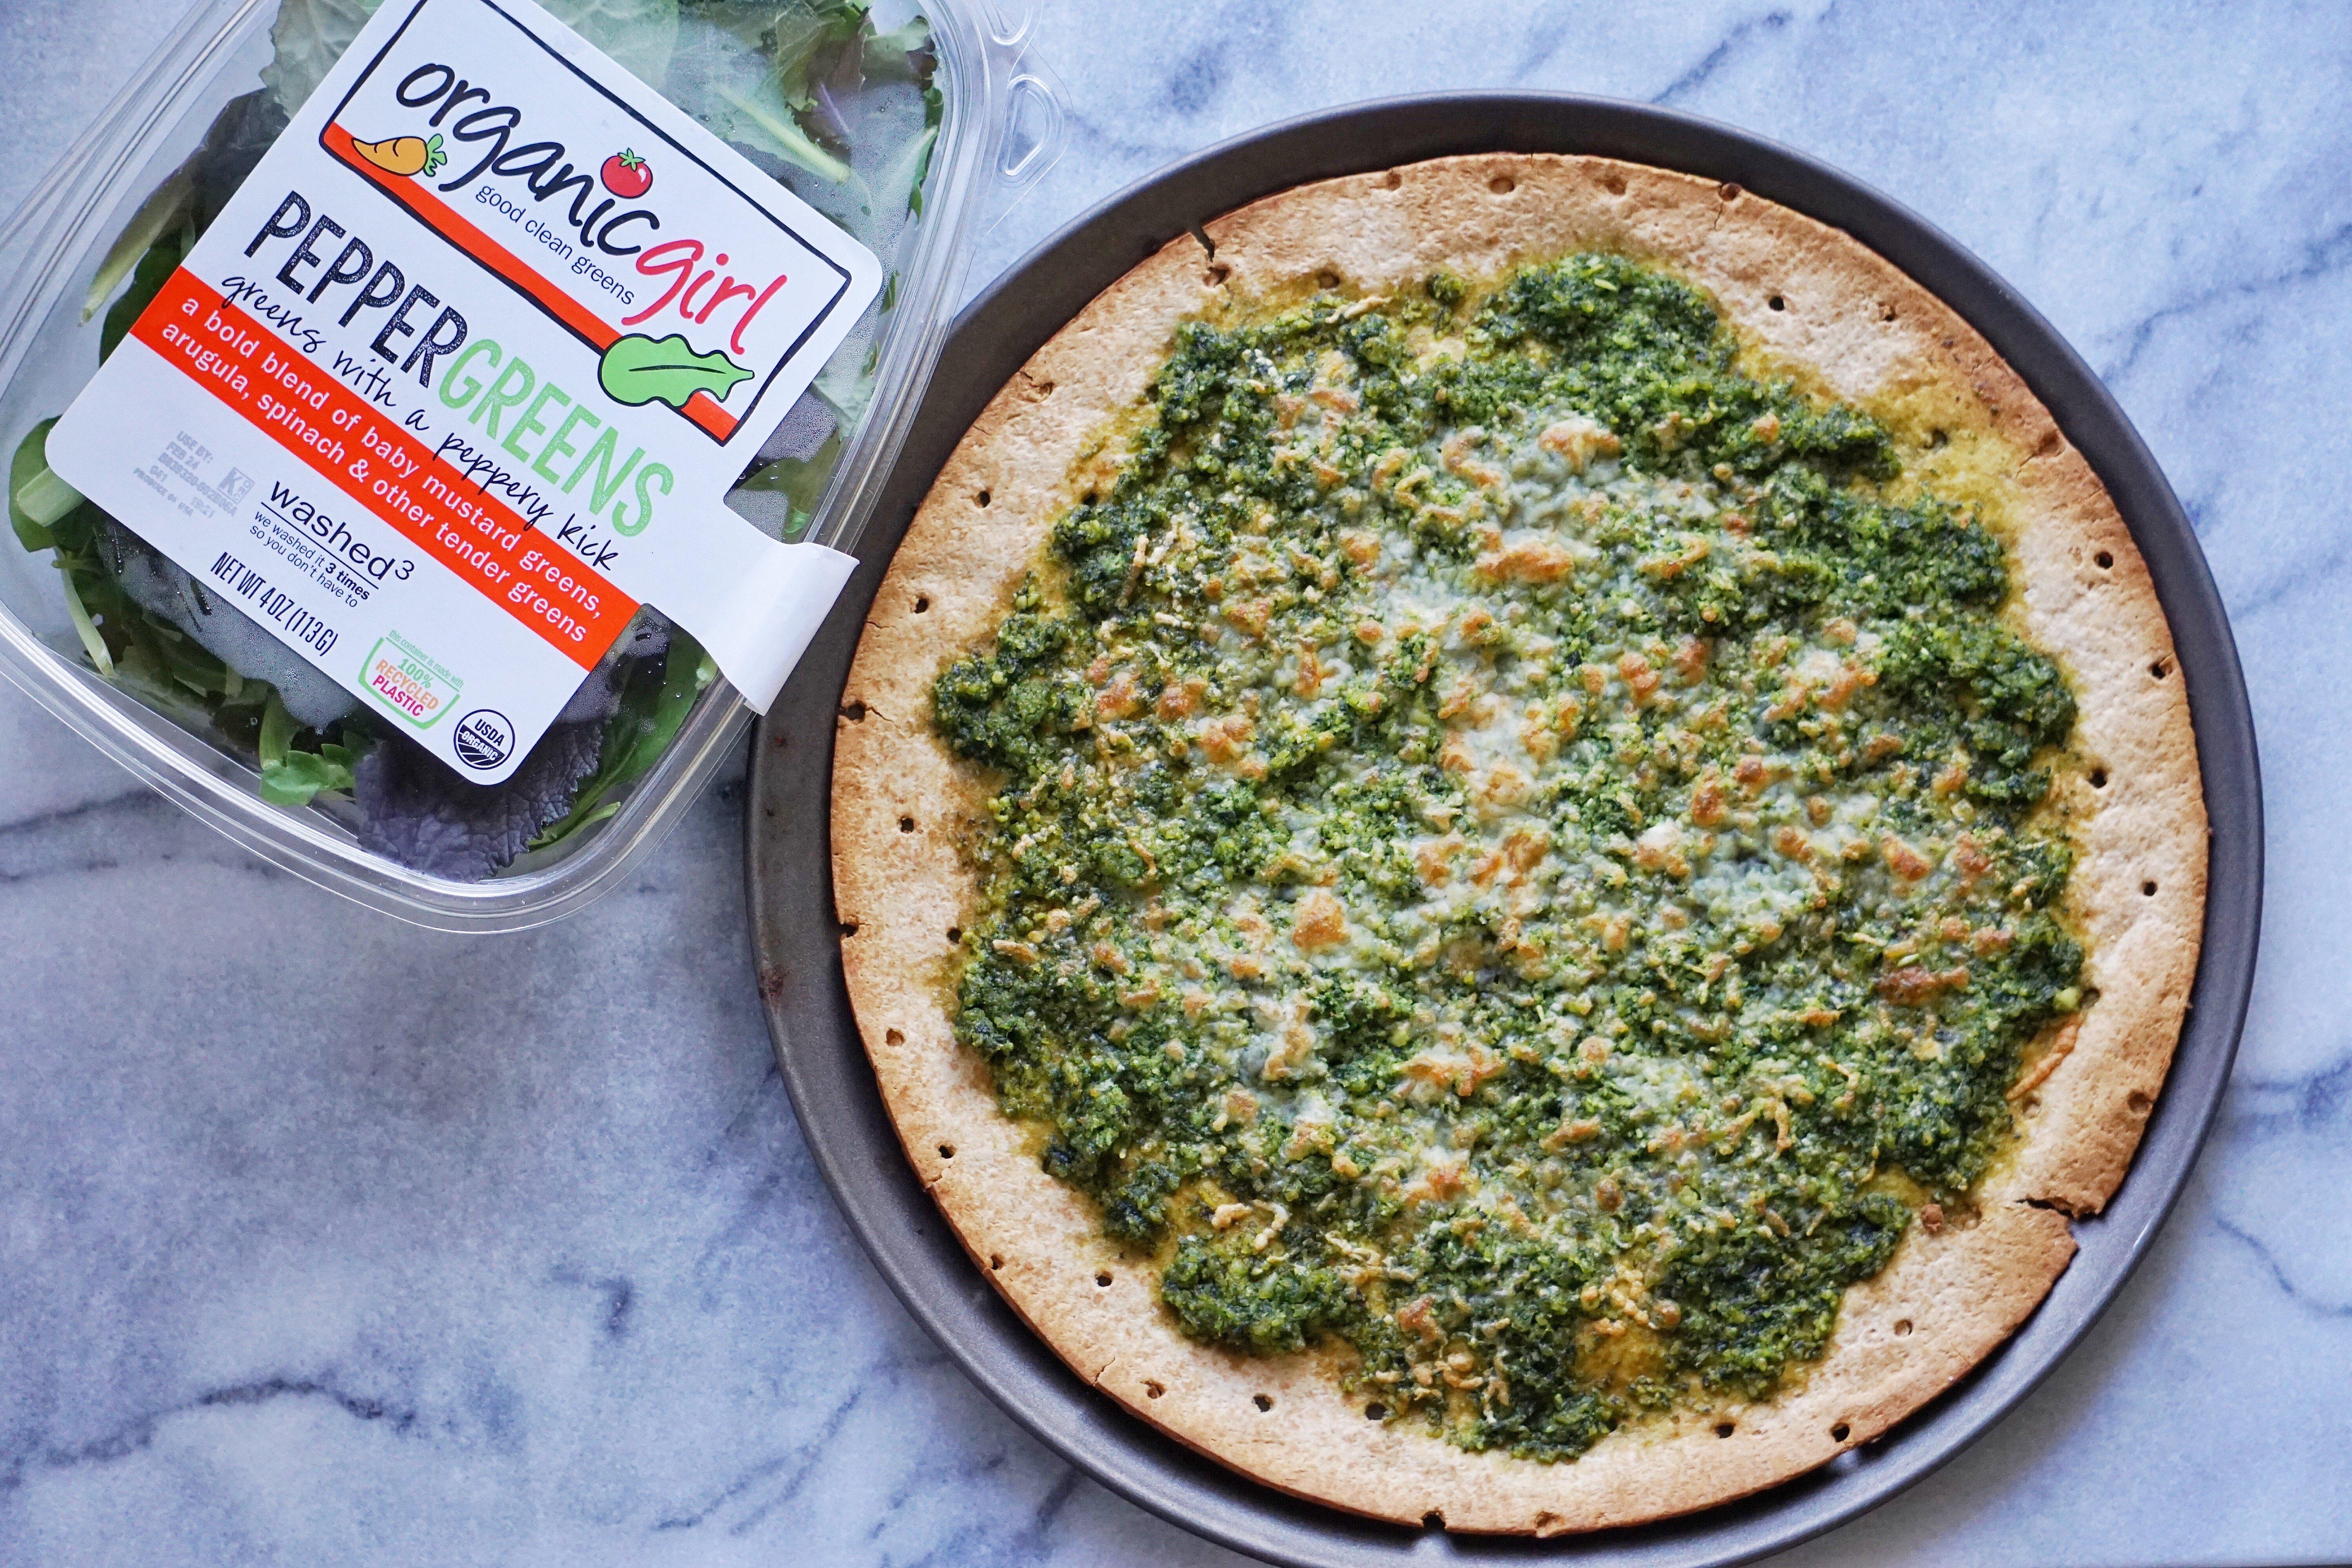 Pesto Pizza Leahs Plate - Green Pesto Pizza